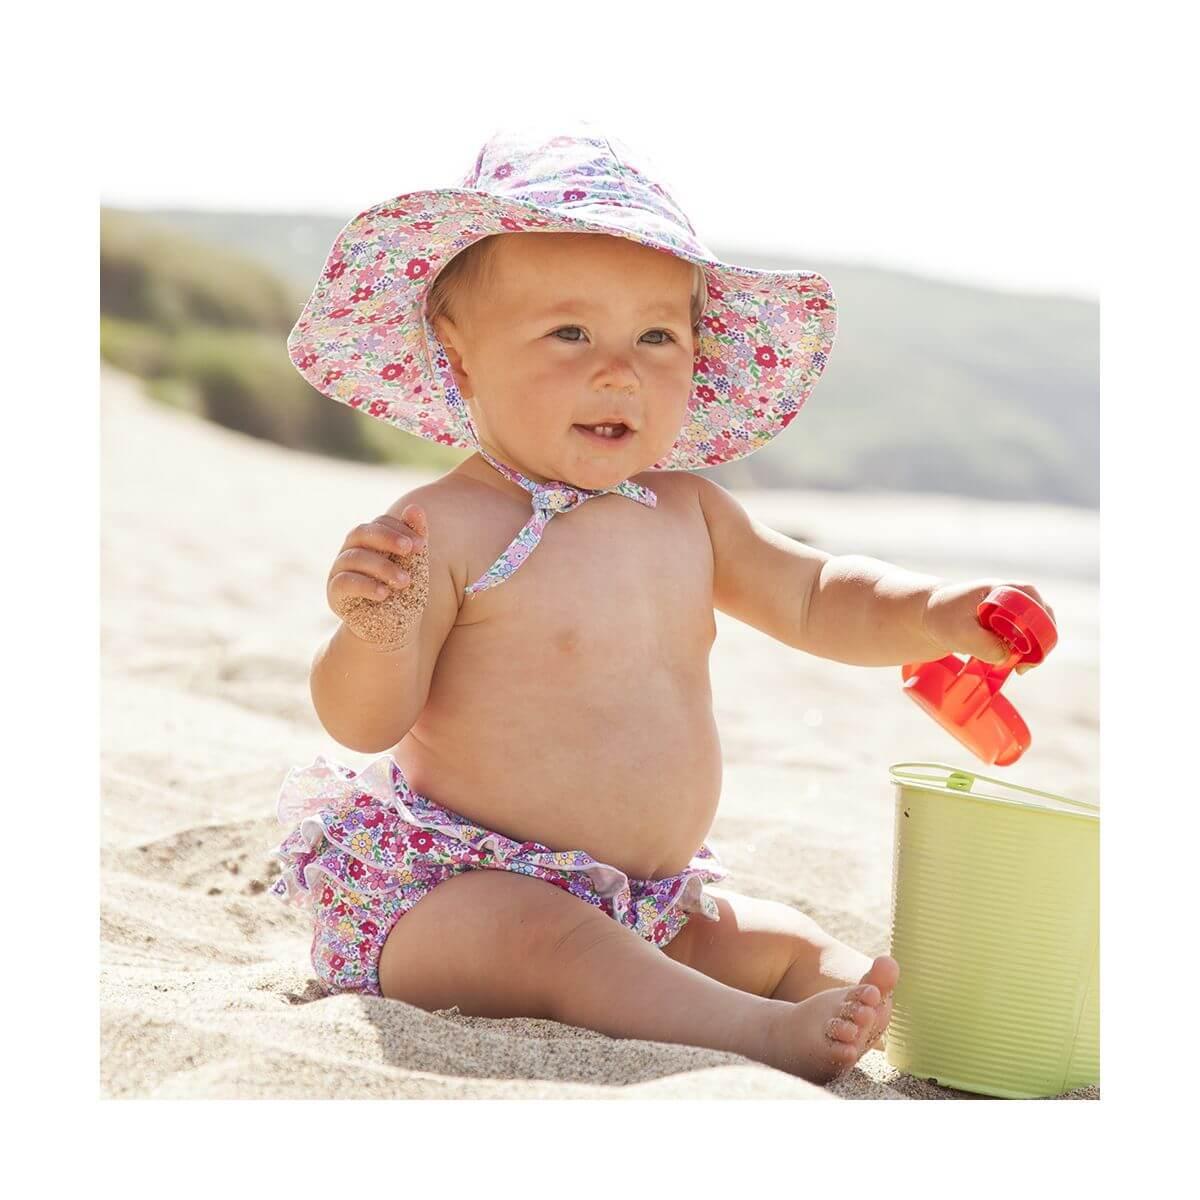 7d53c7ca4d88 Ropa de Natación para Bebés y Niños - ShopMami